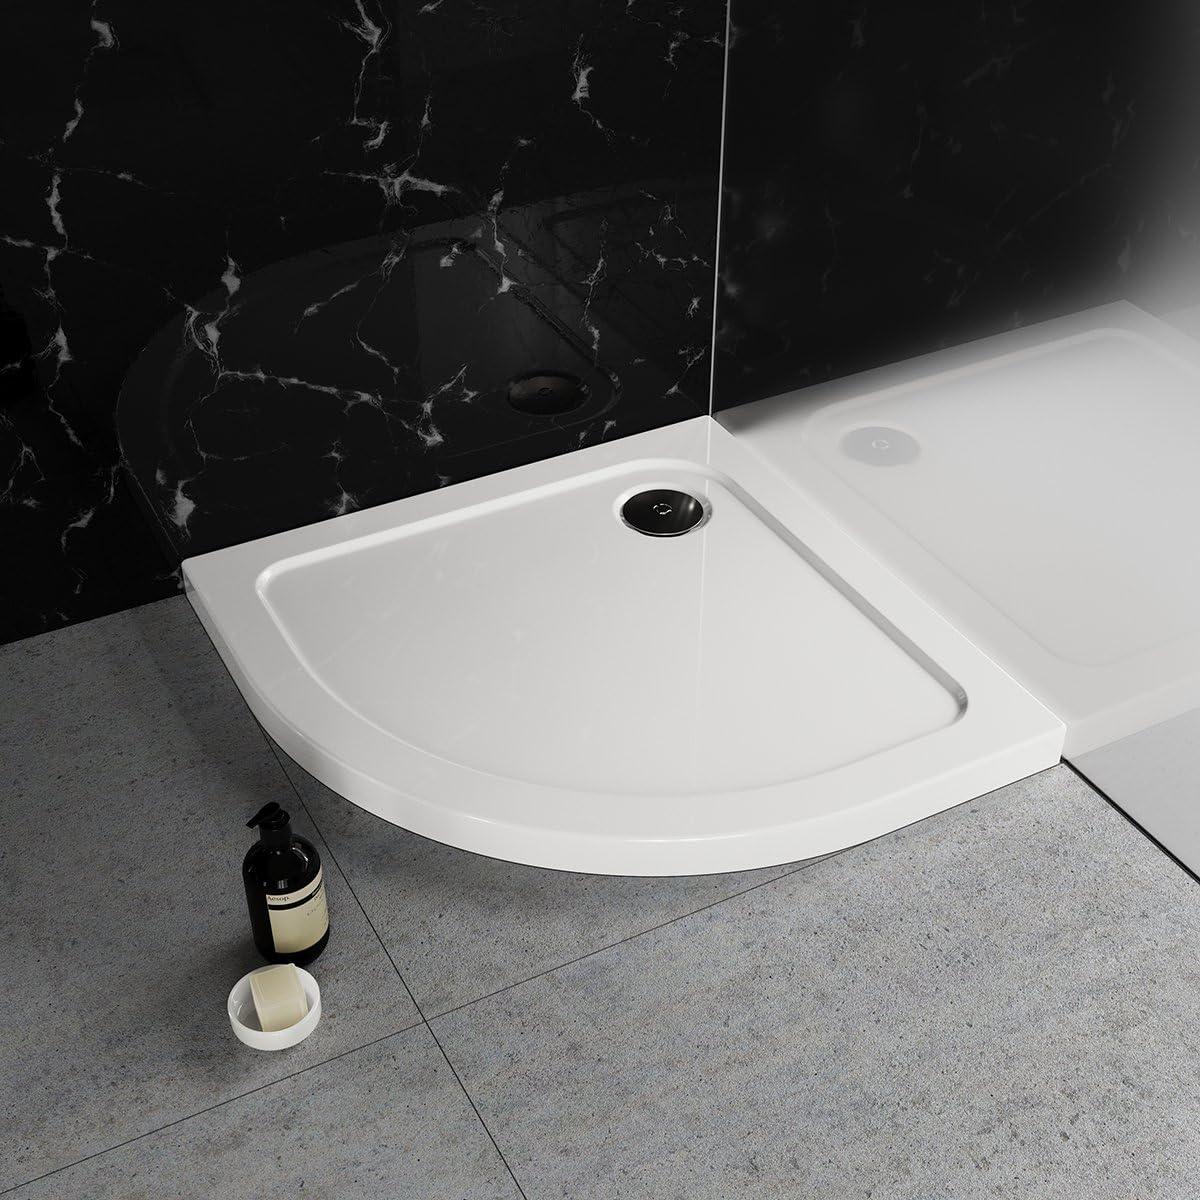 Nordona Plato de Ducha, círculo Cuarto 80 x 80 cm SIMPLEX | Altura ...